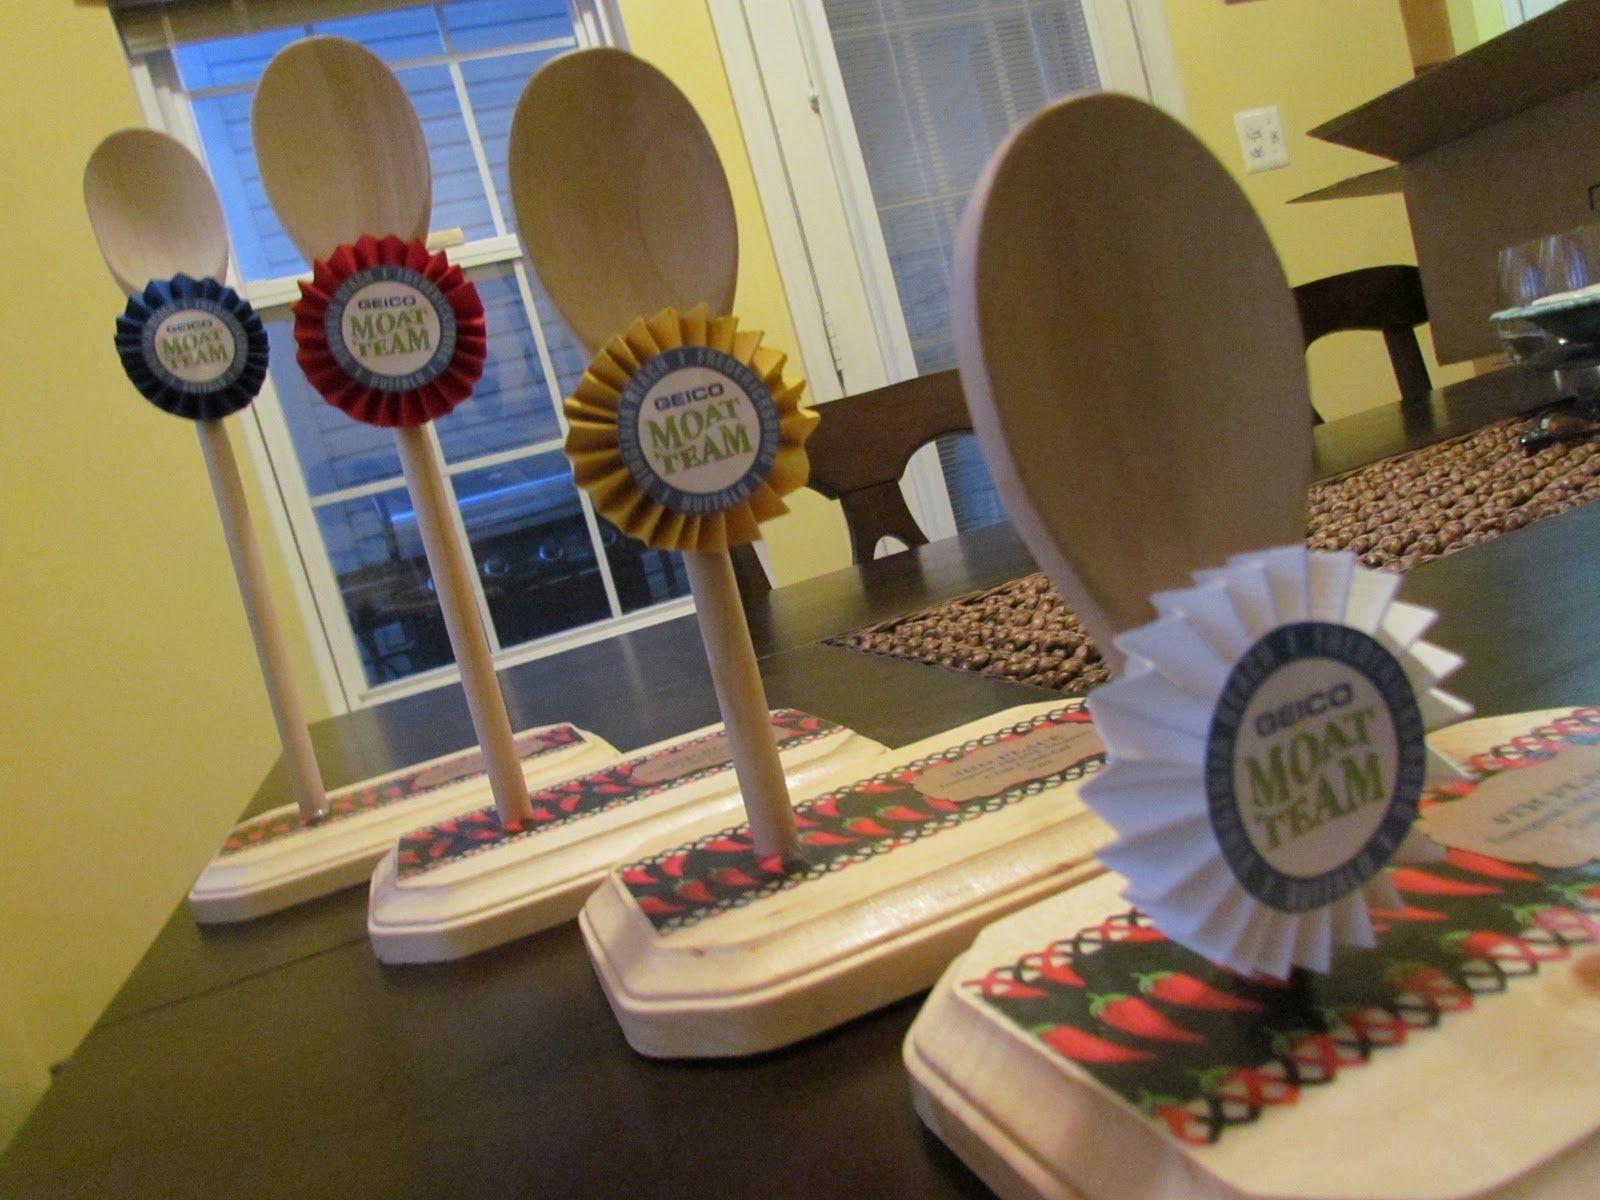 Another crafty day husband wifey crafting diy award